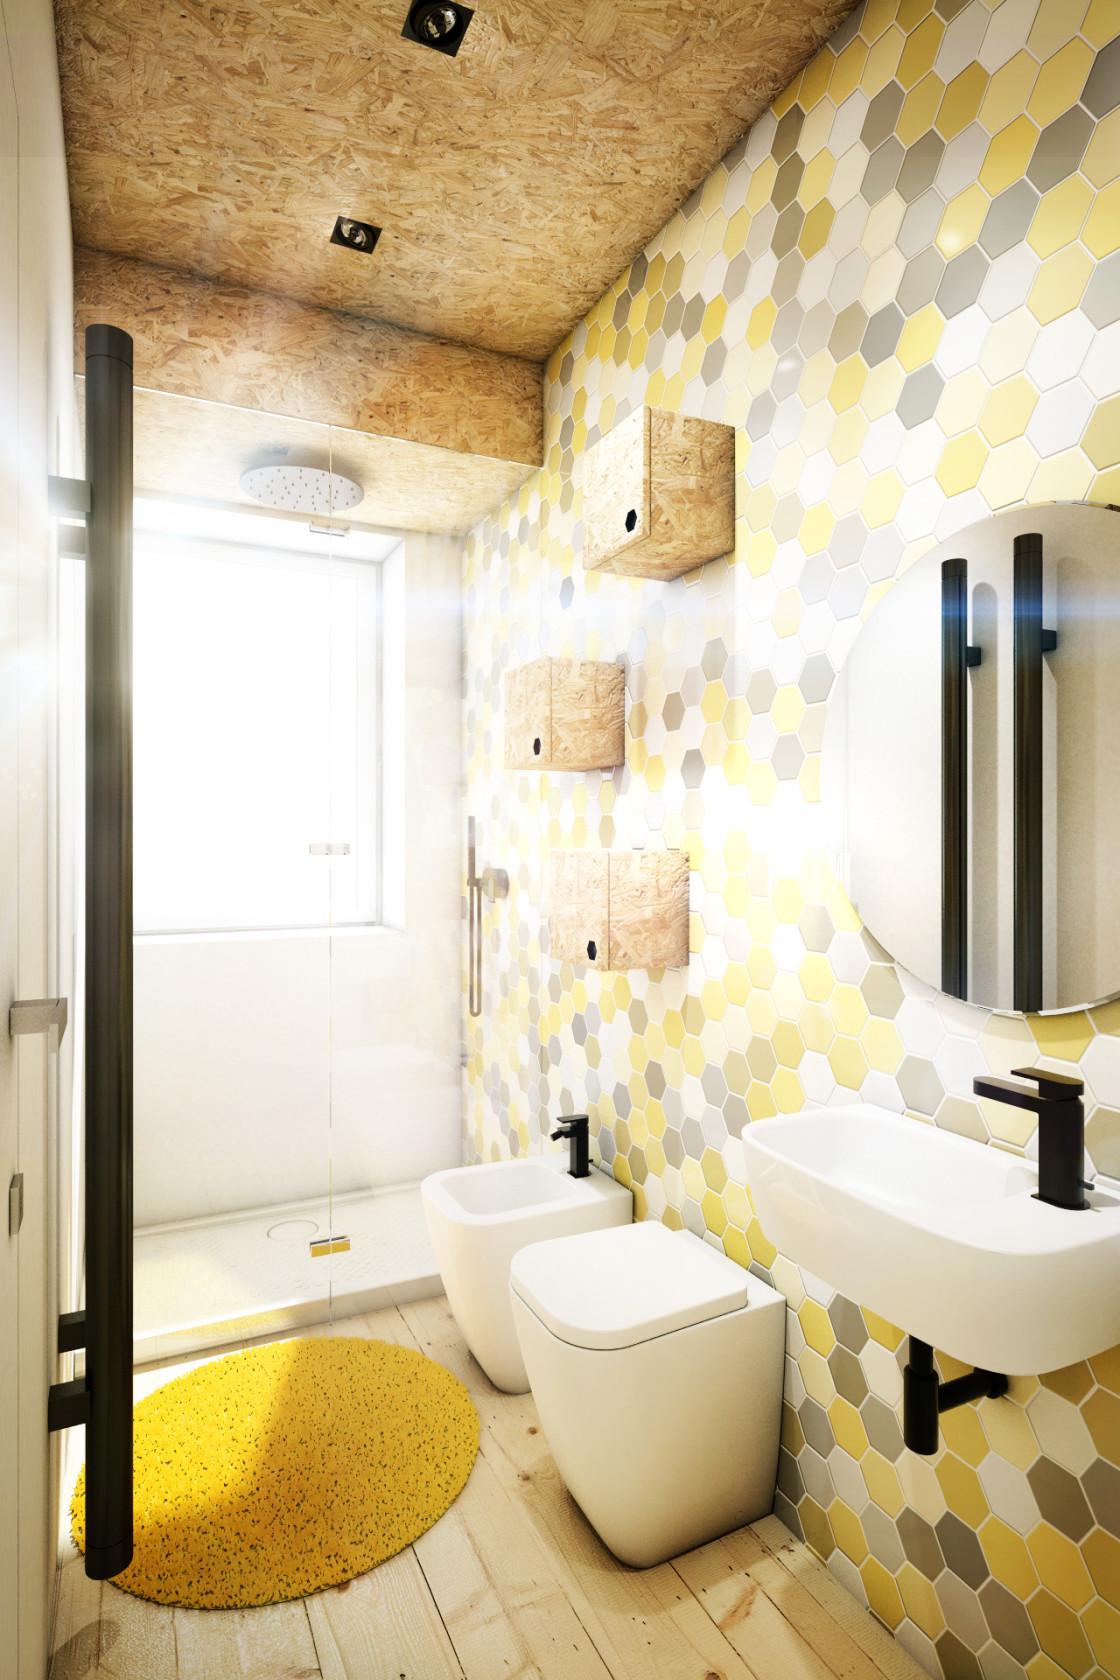 Плитка в виде медовых сот в ванной